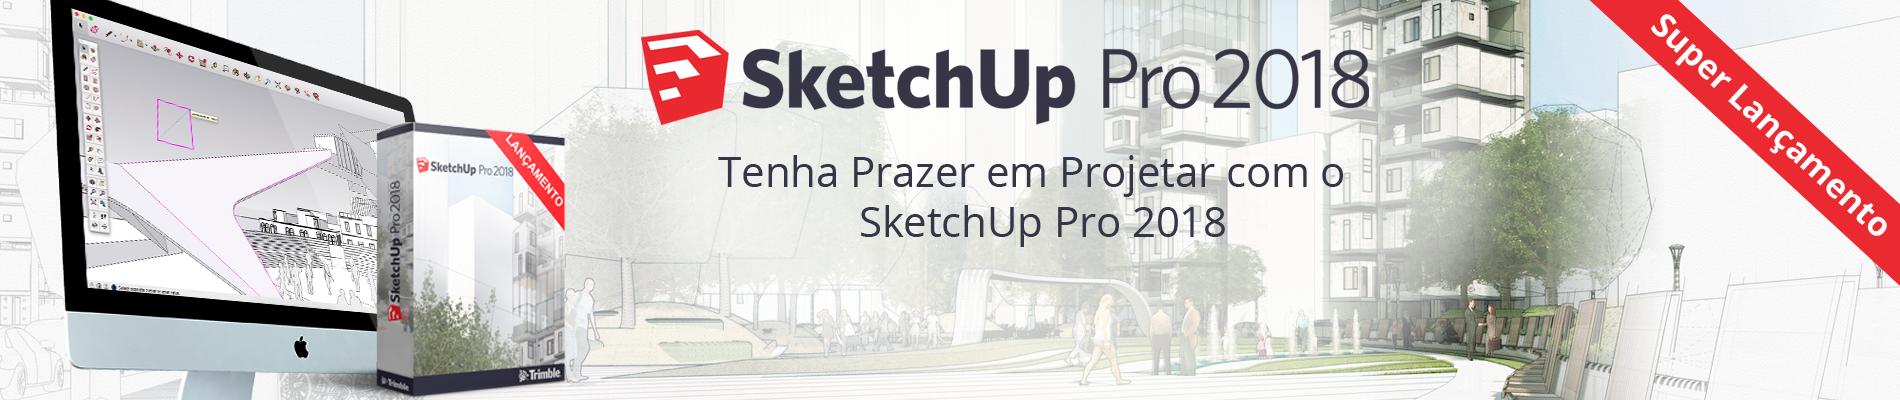 Sketchup 2018